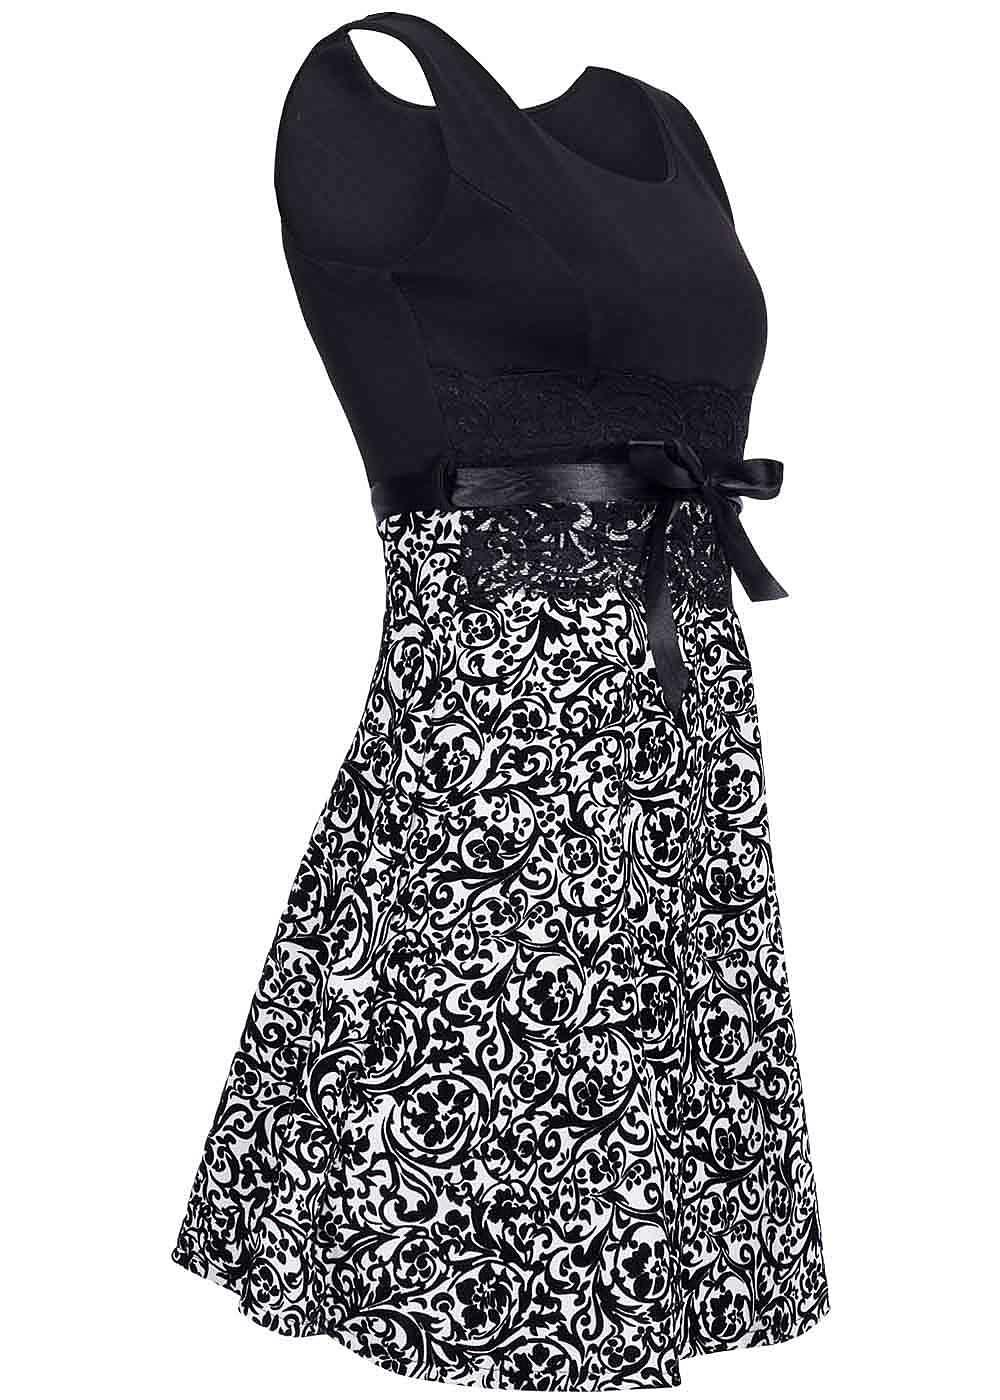 styleboom fashion damen mini kleid florales muster spitze bindeband schwarz weiss 77onlineshop. Black Bedroom Furniture Sets. Home Design Ideas